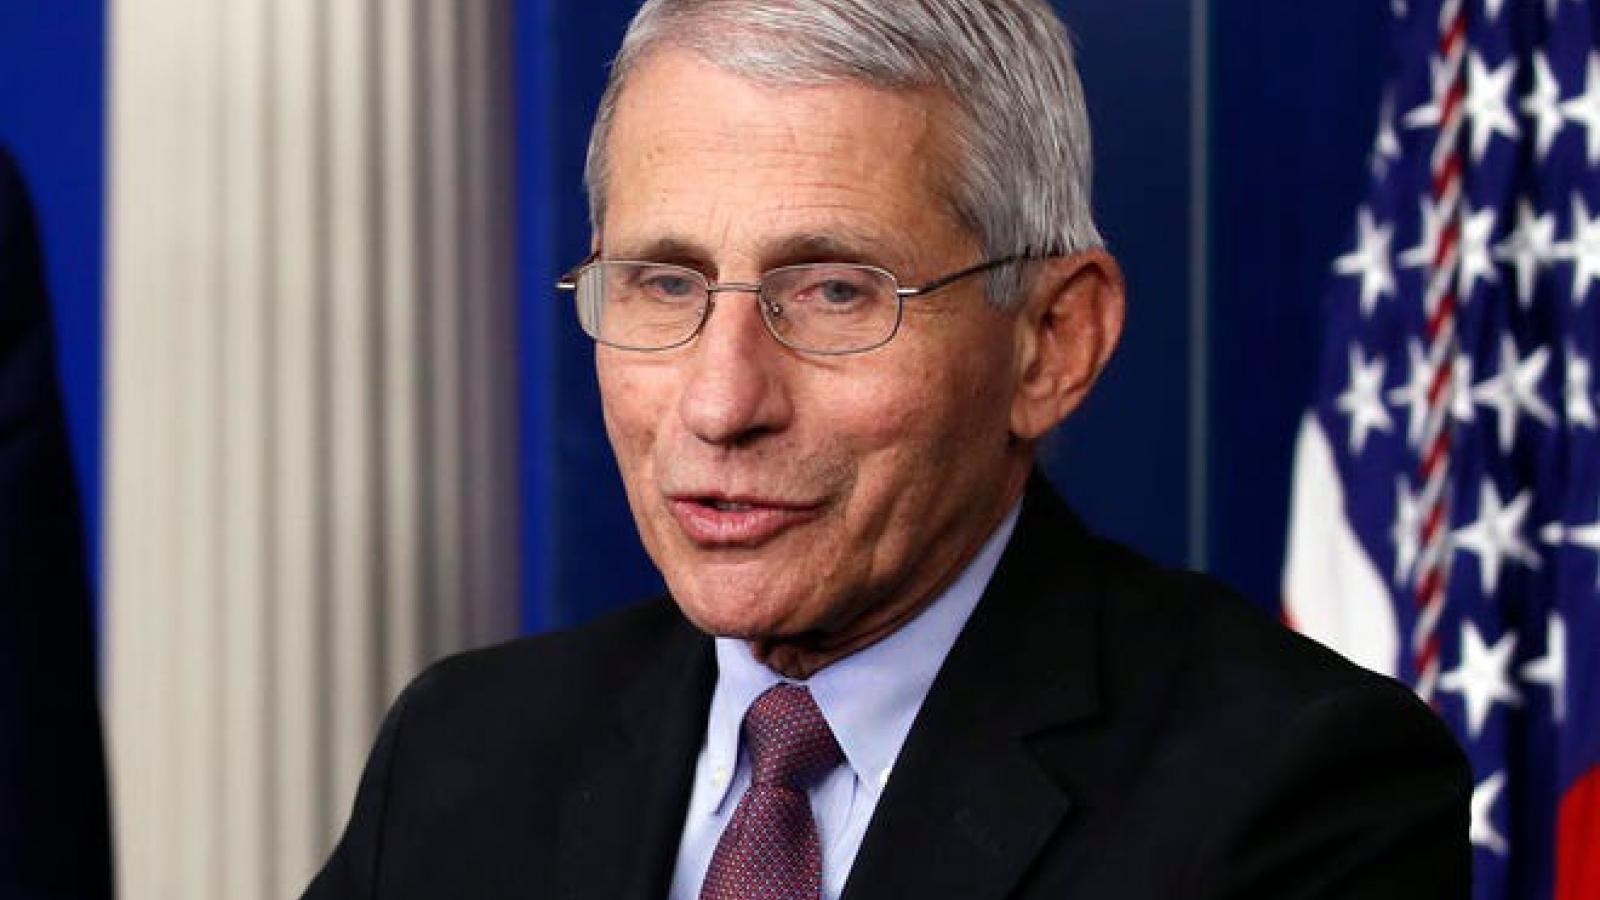 Tiến sỹ Fauci: Toàn bộ trẻ em ở Mỹ sẽ được tiêm phòng Covid-19 vào cuối năm 2021